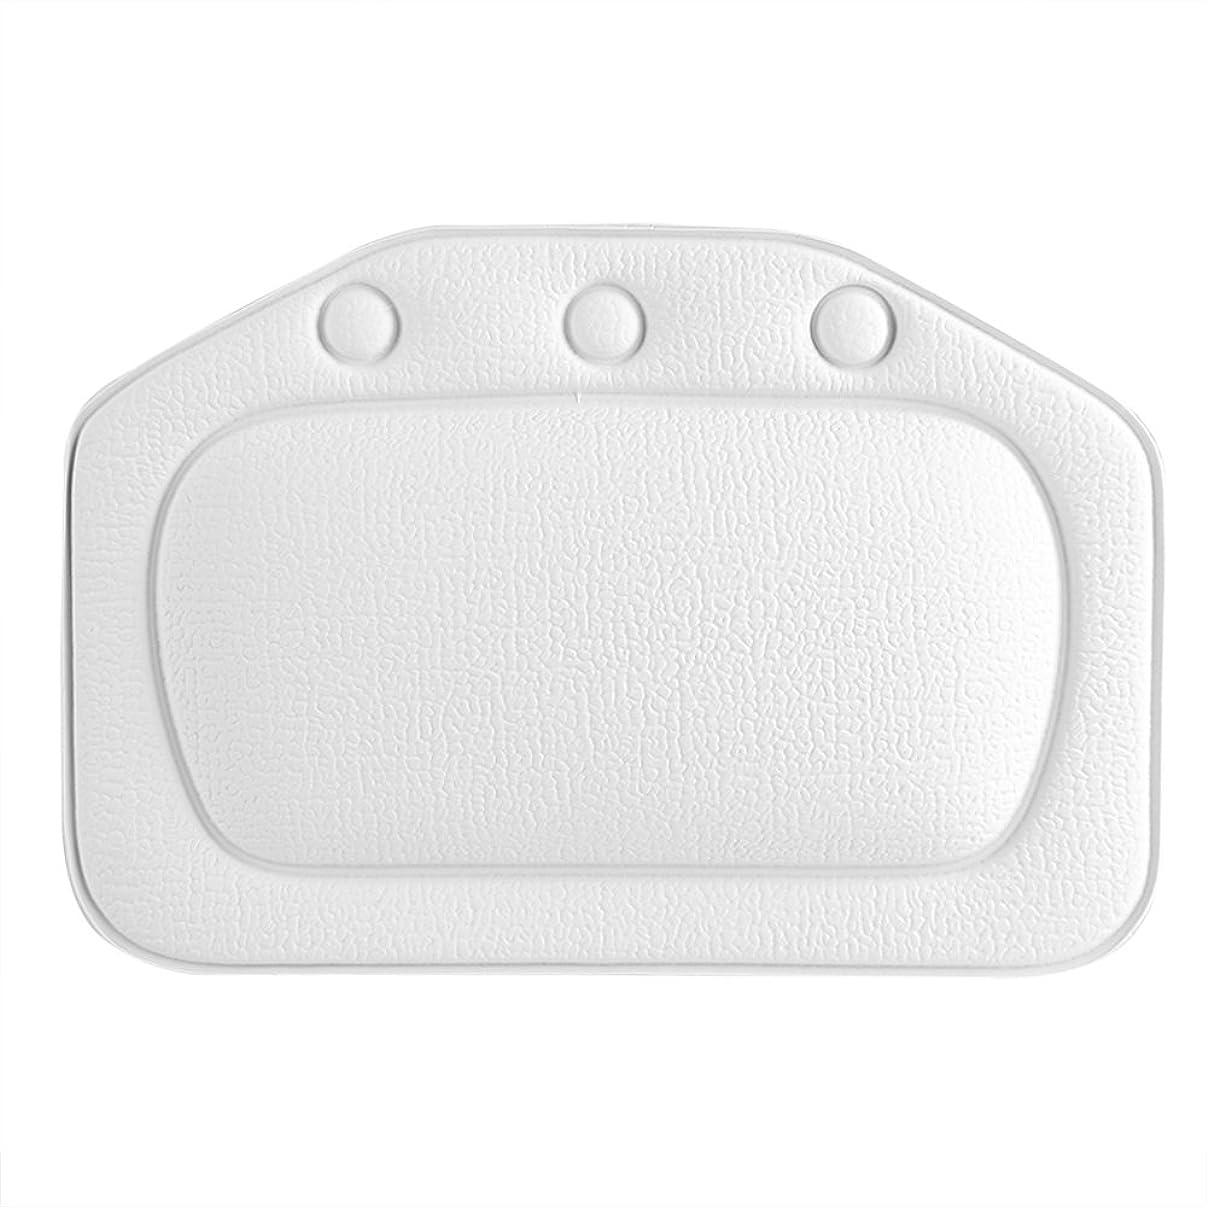 マングル貧しいドライブスパバスピロー、ソフトフォームパッド付き人間工学に基づいたバスタブクッションピロー浴槽ヘッドレストヘッドネックバッククッションピロー(白)